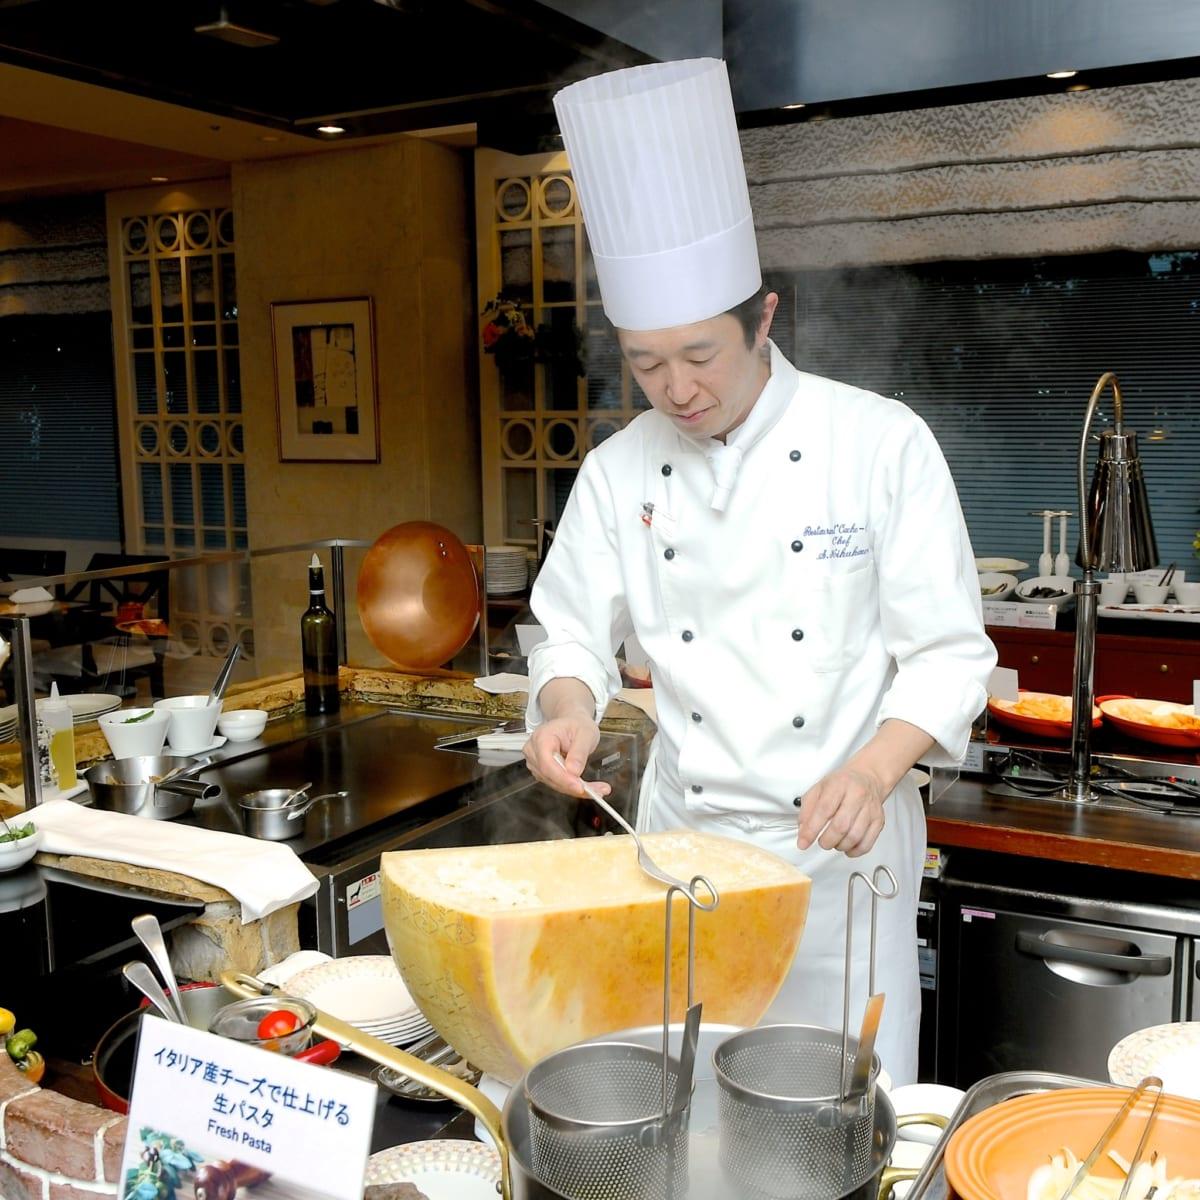 イタリア産チーズで仕上げる 生パスタ 調理